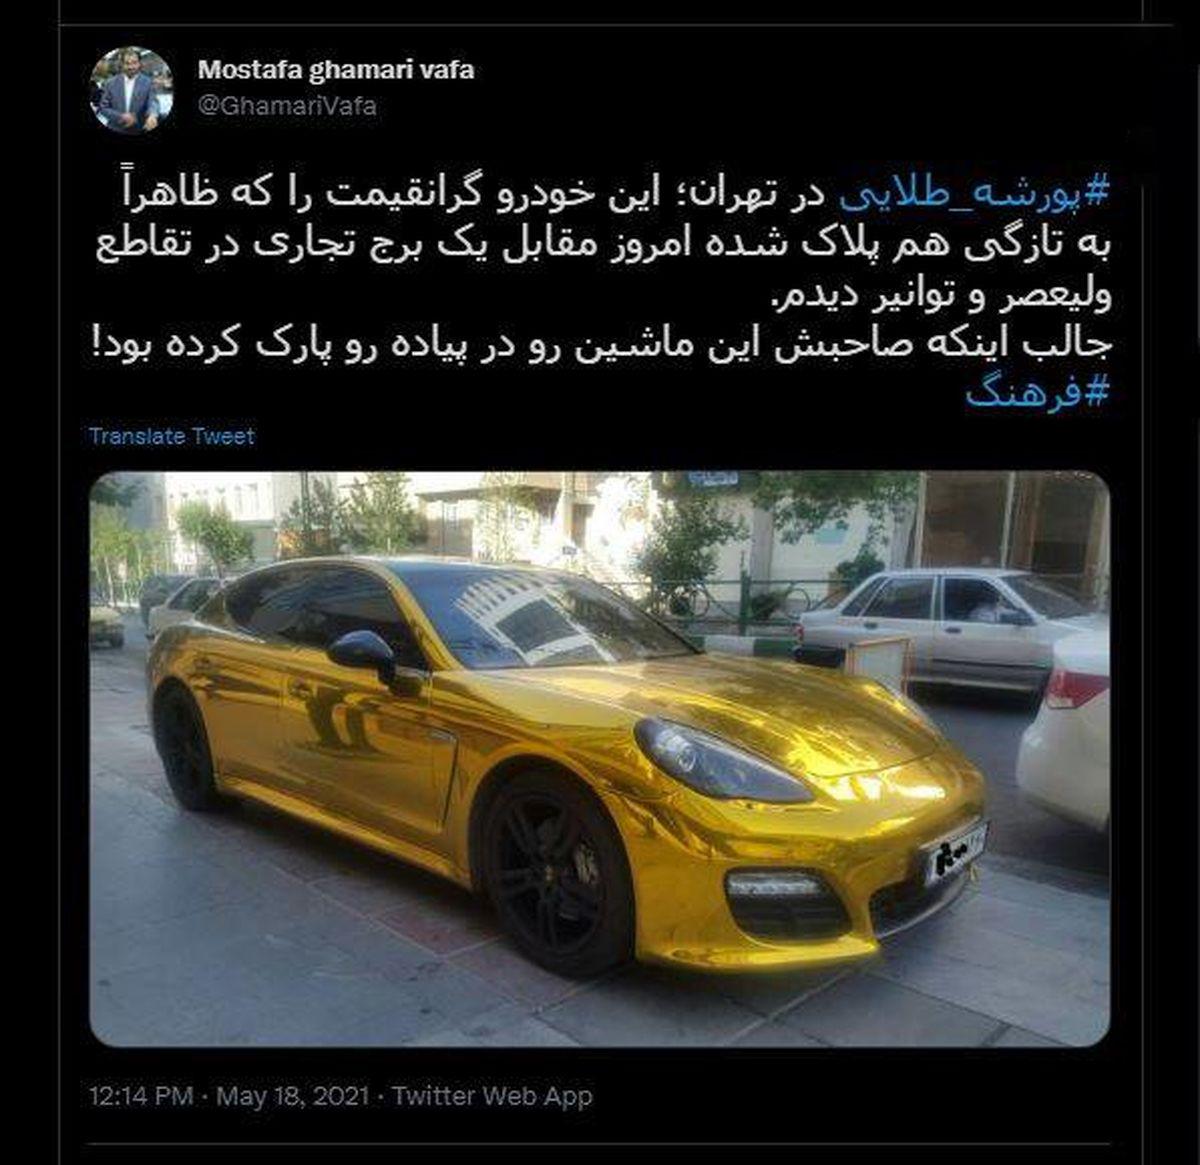 رویت پورشه طلایی در تهران